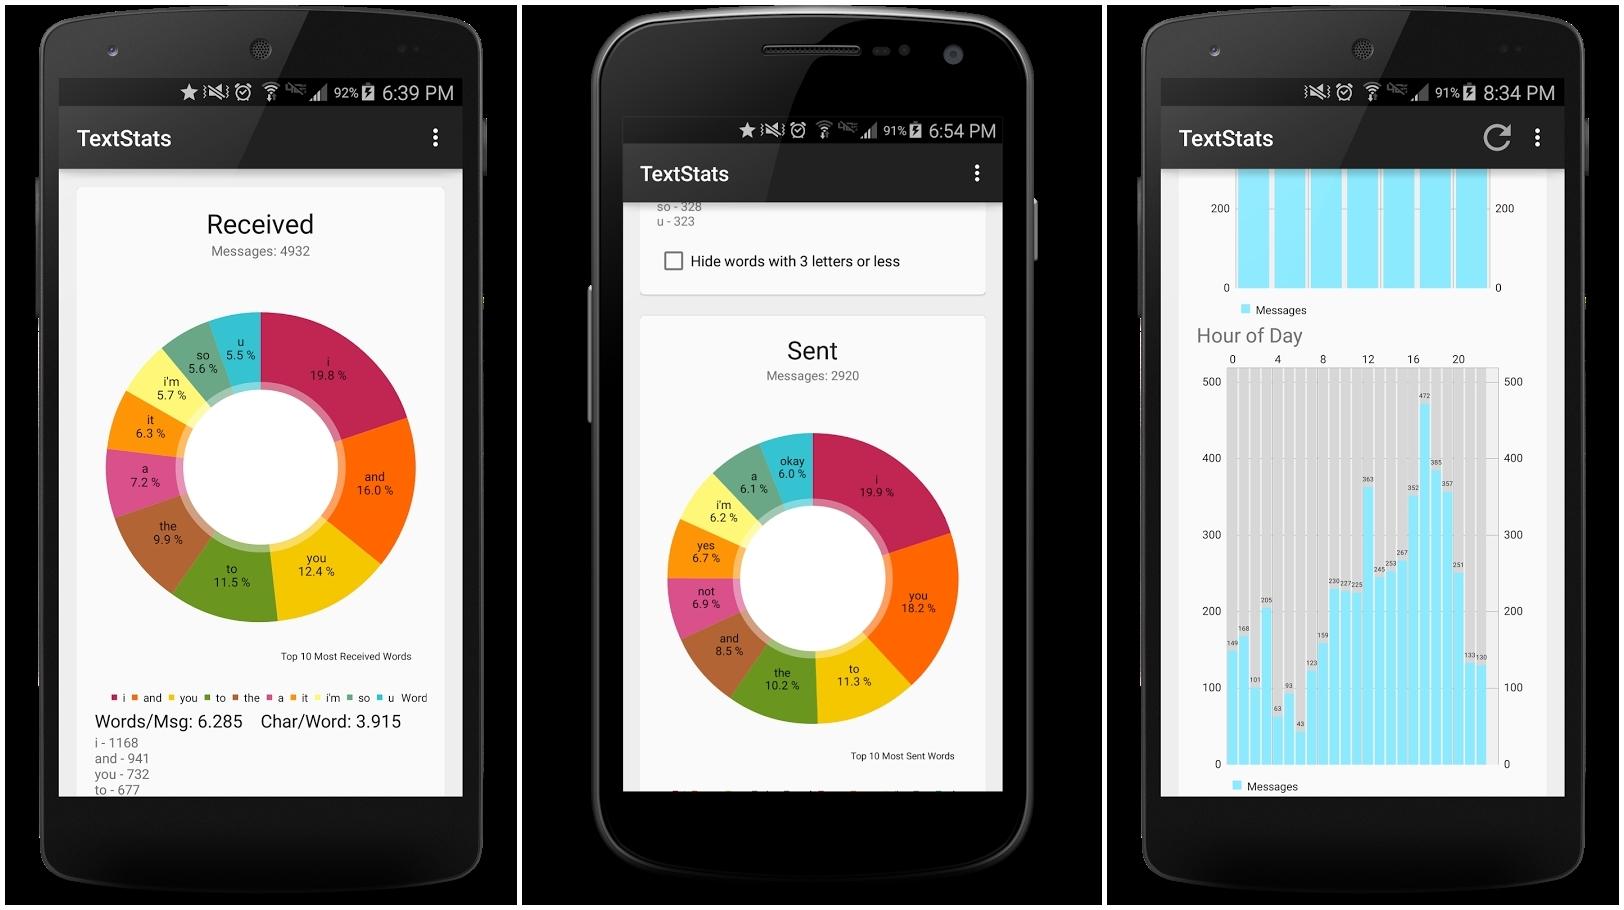 TextStats-app